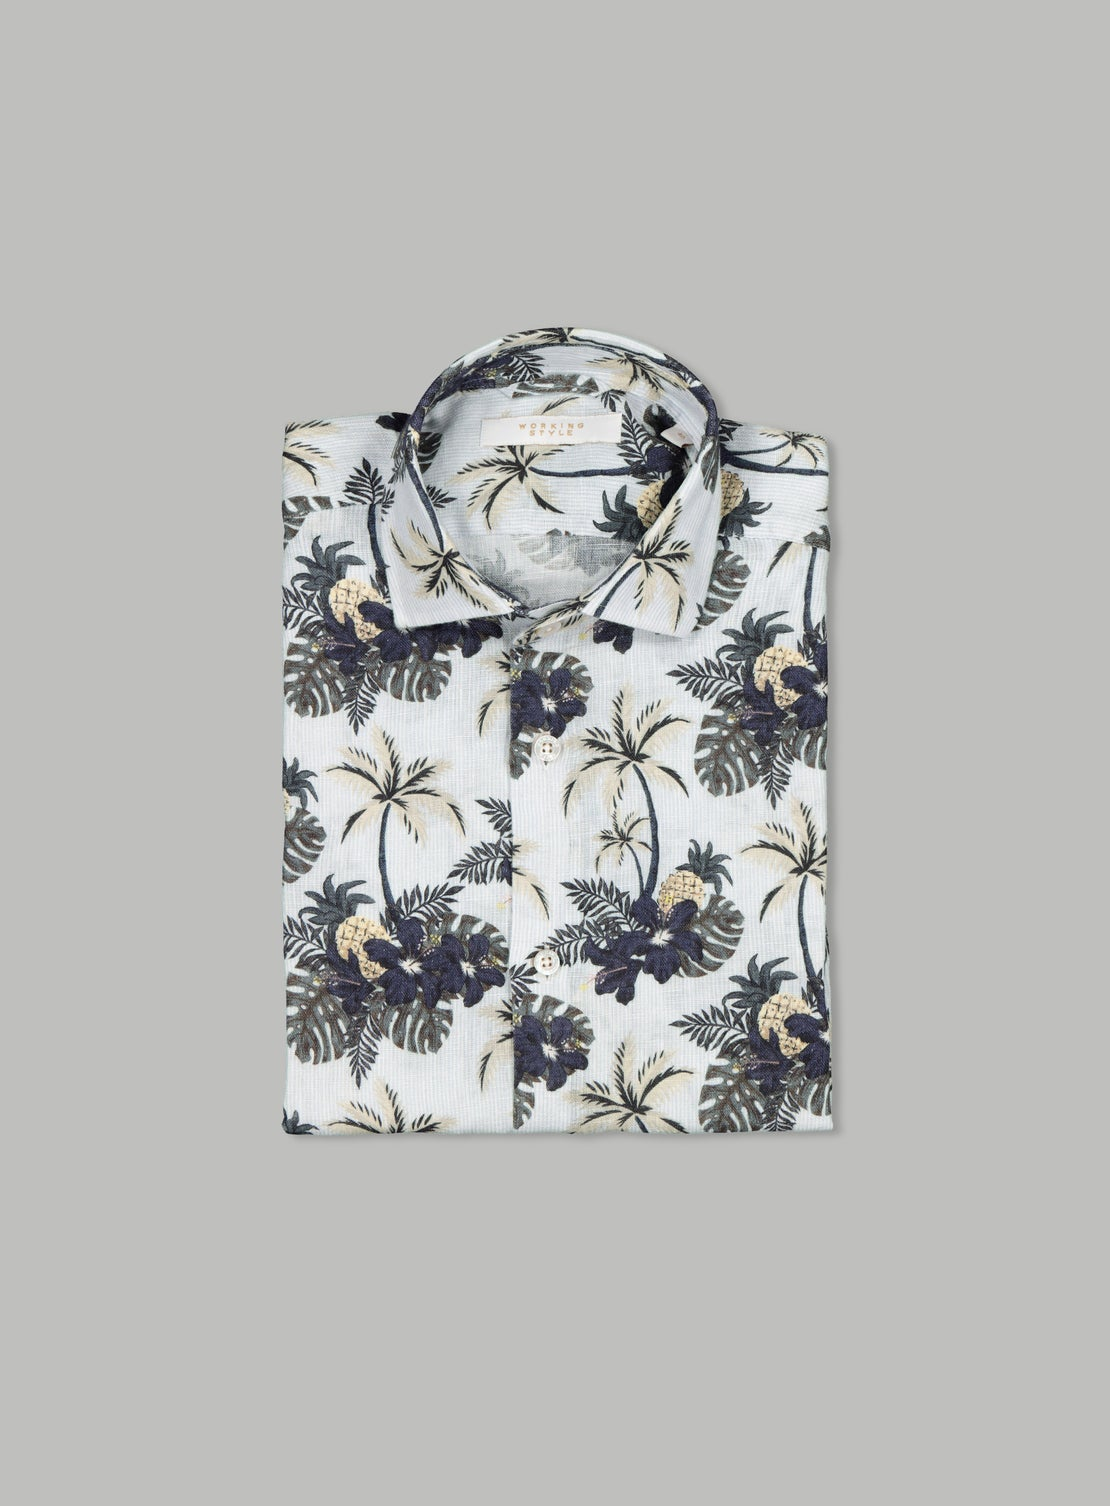 Arman White Linen Palm Tree Shirt